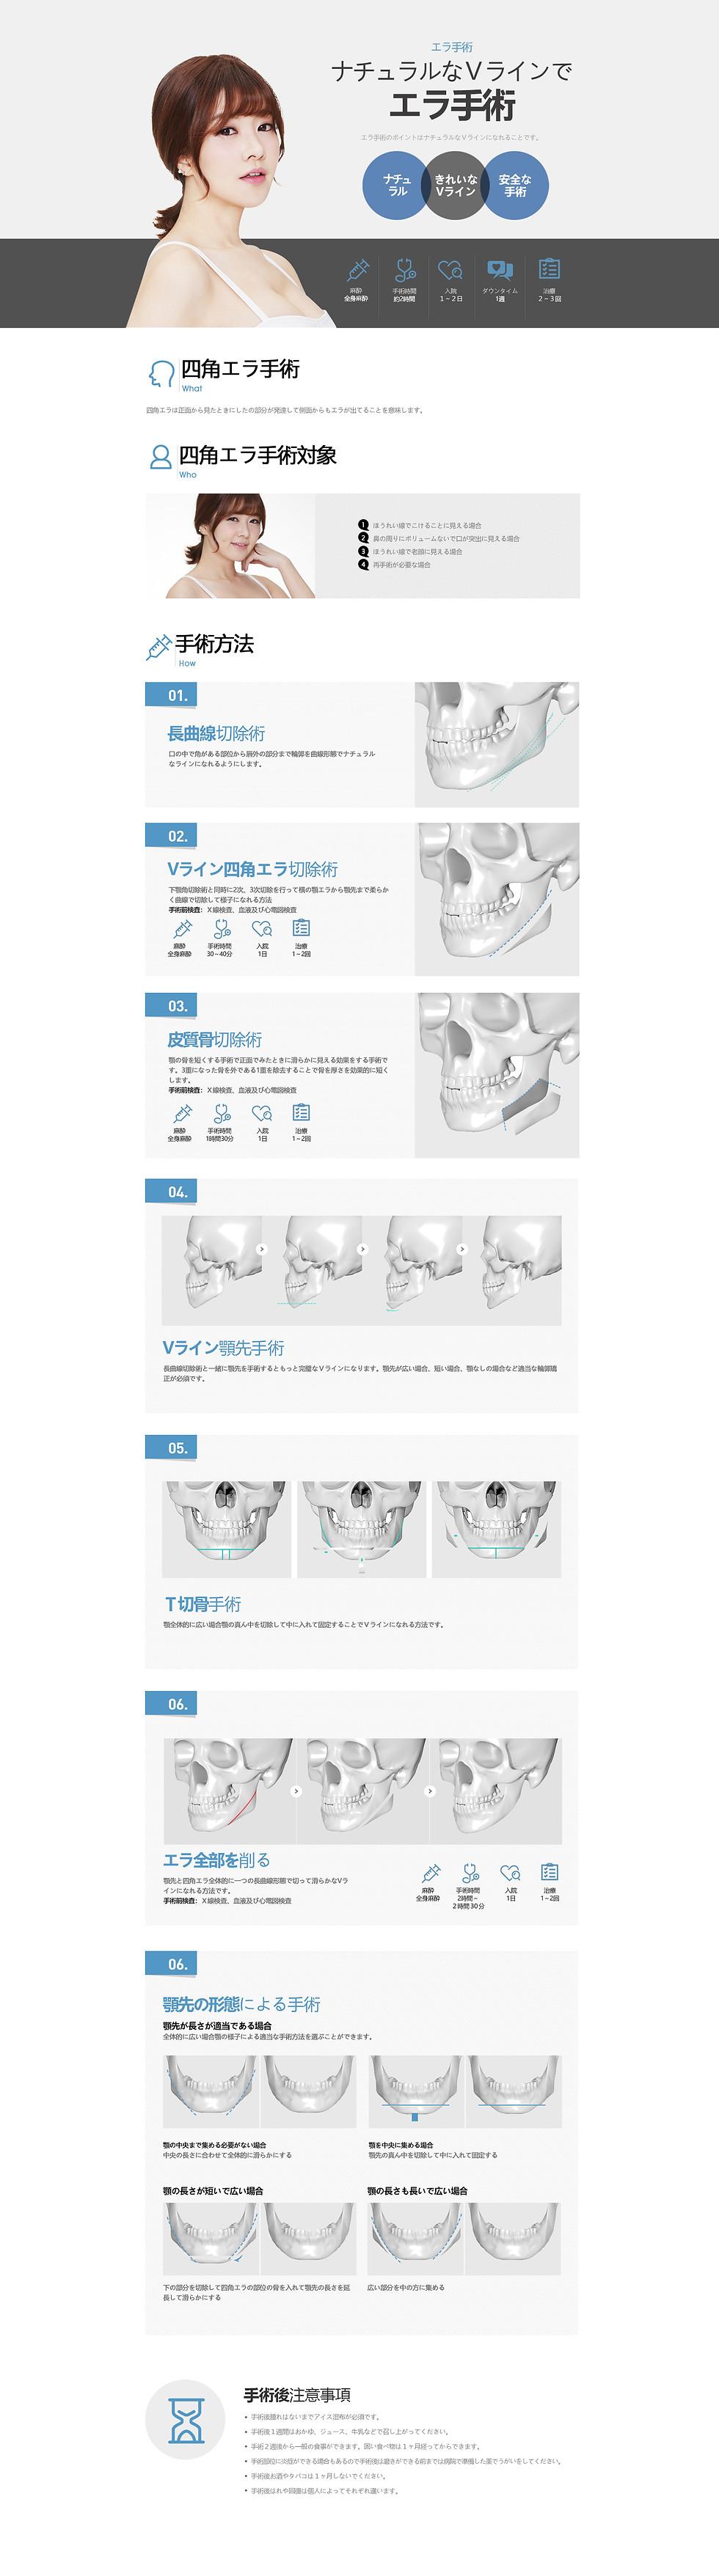 1001 사각턱수술(v라인) 181129 일문.jpg